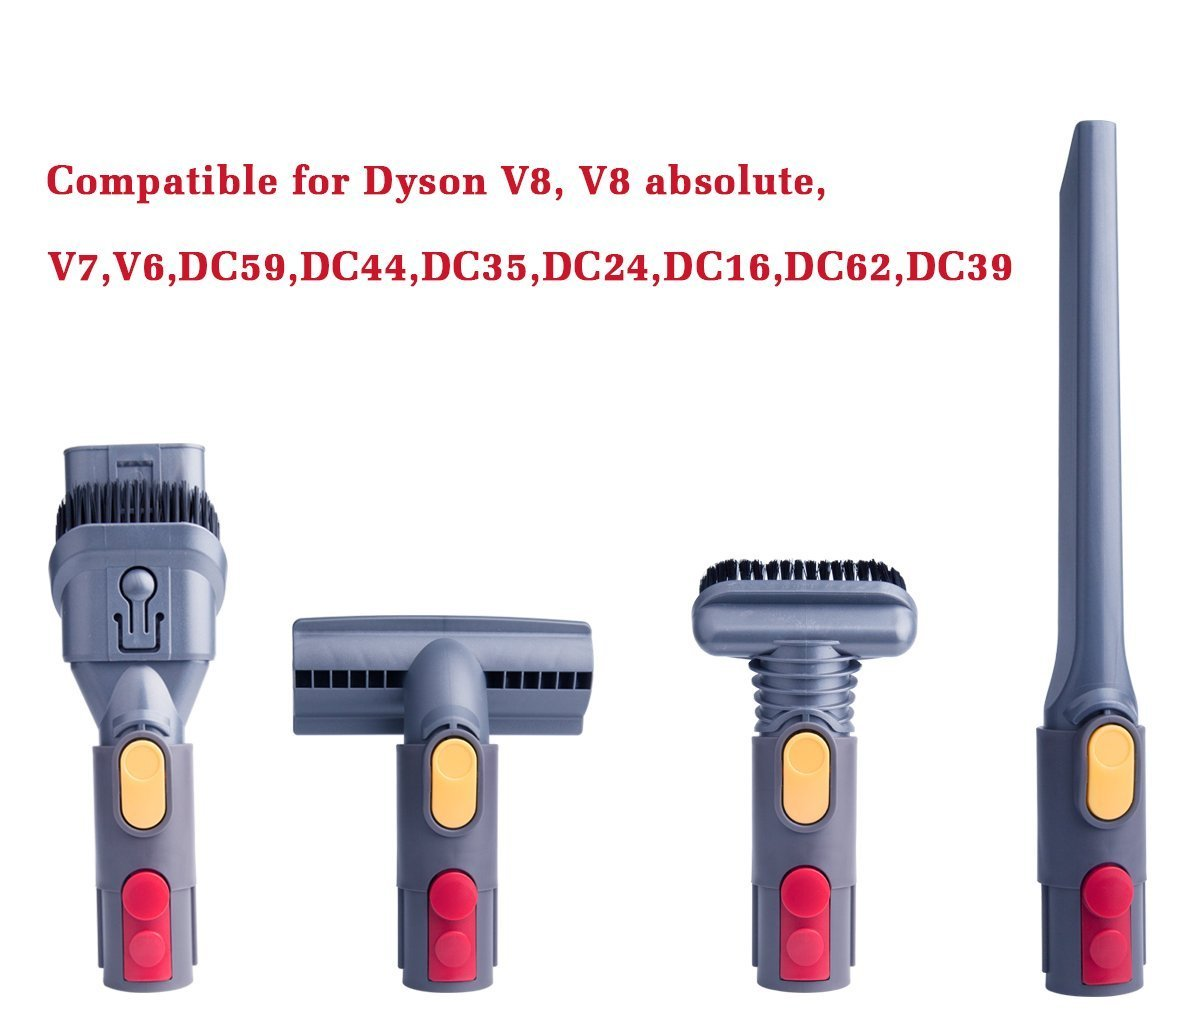 honfa para Dyson V7, V8 adaptador Set, uso edad Dyson accesorios [EG: DC35 DC44 DC58 DC59 DC62, V6, DC08] Compatible con tu Dyson V7 V8 V10 SV10 SV11 ...